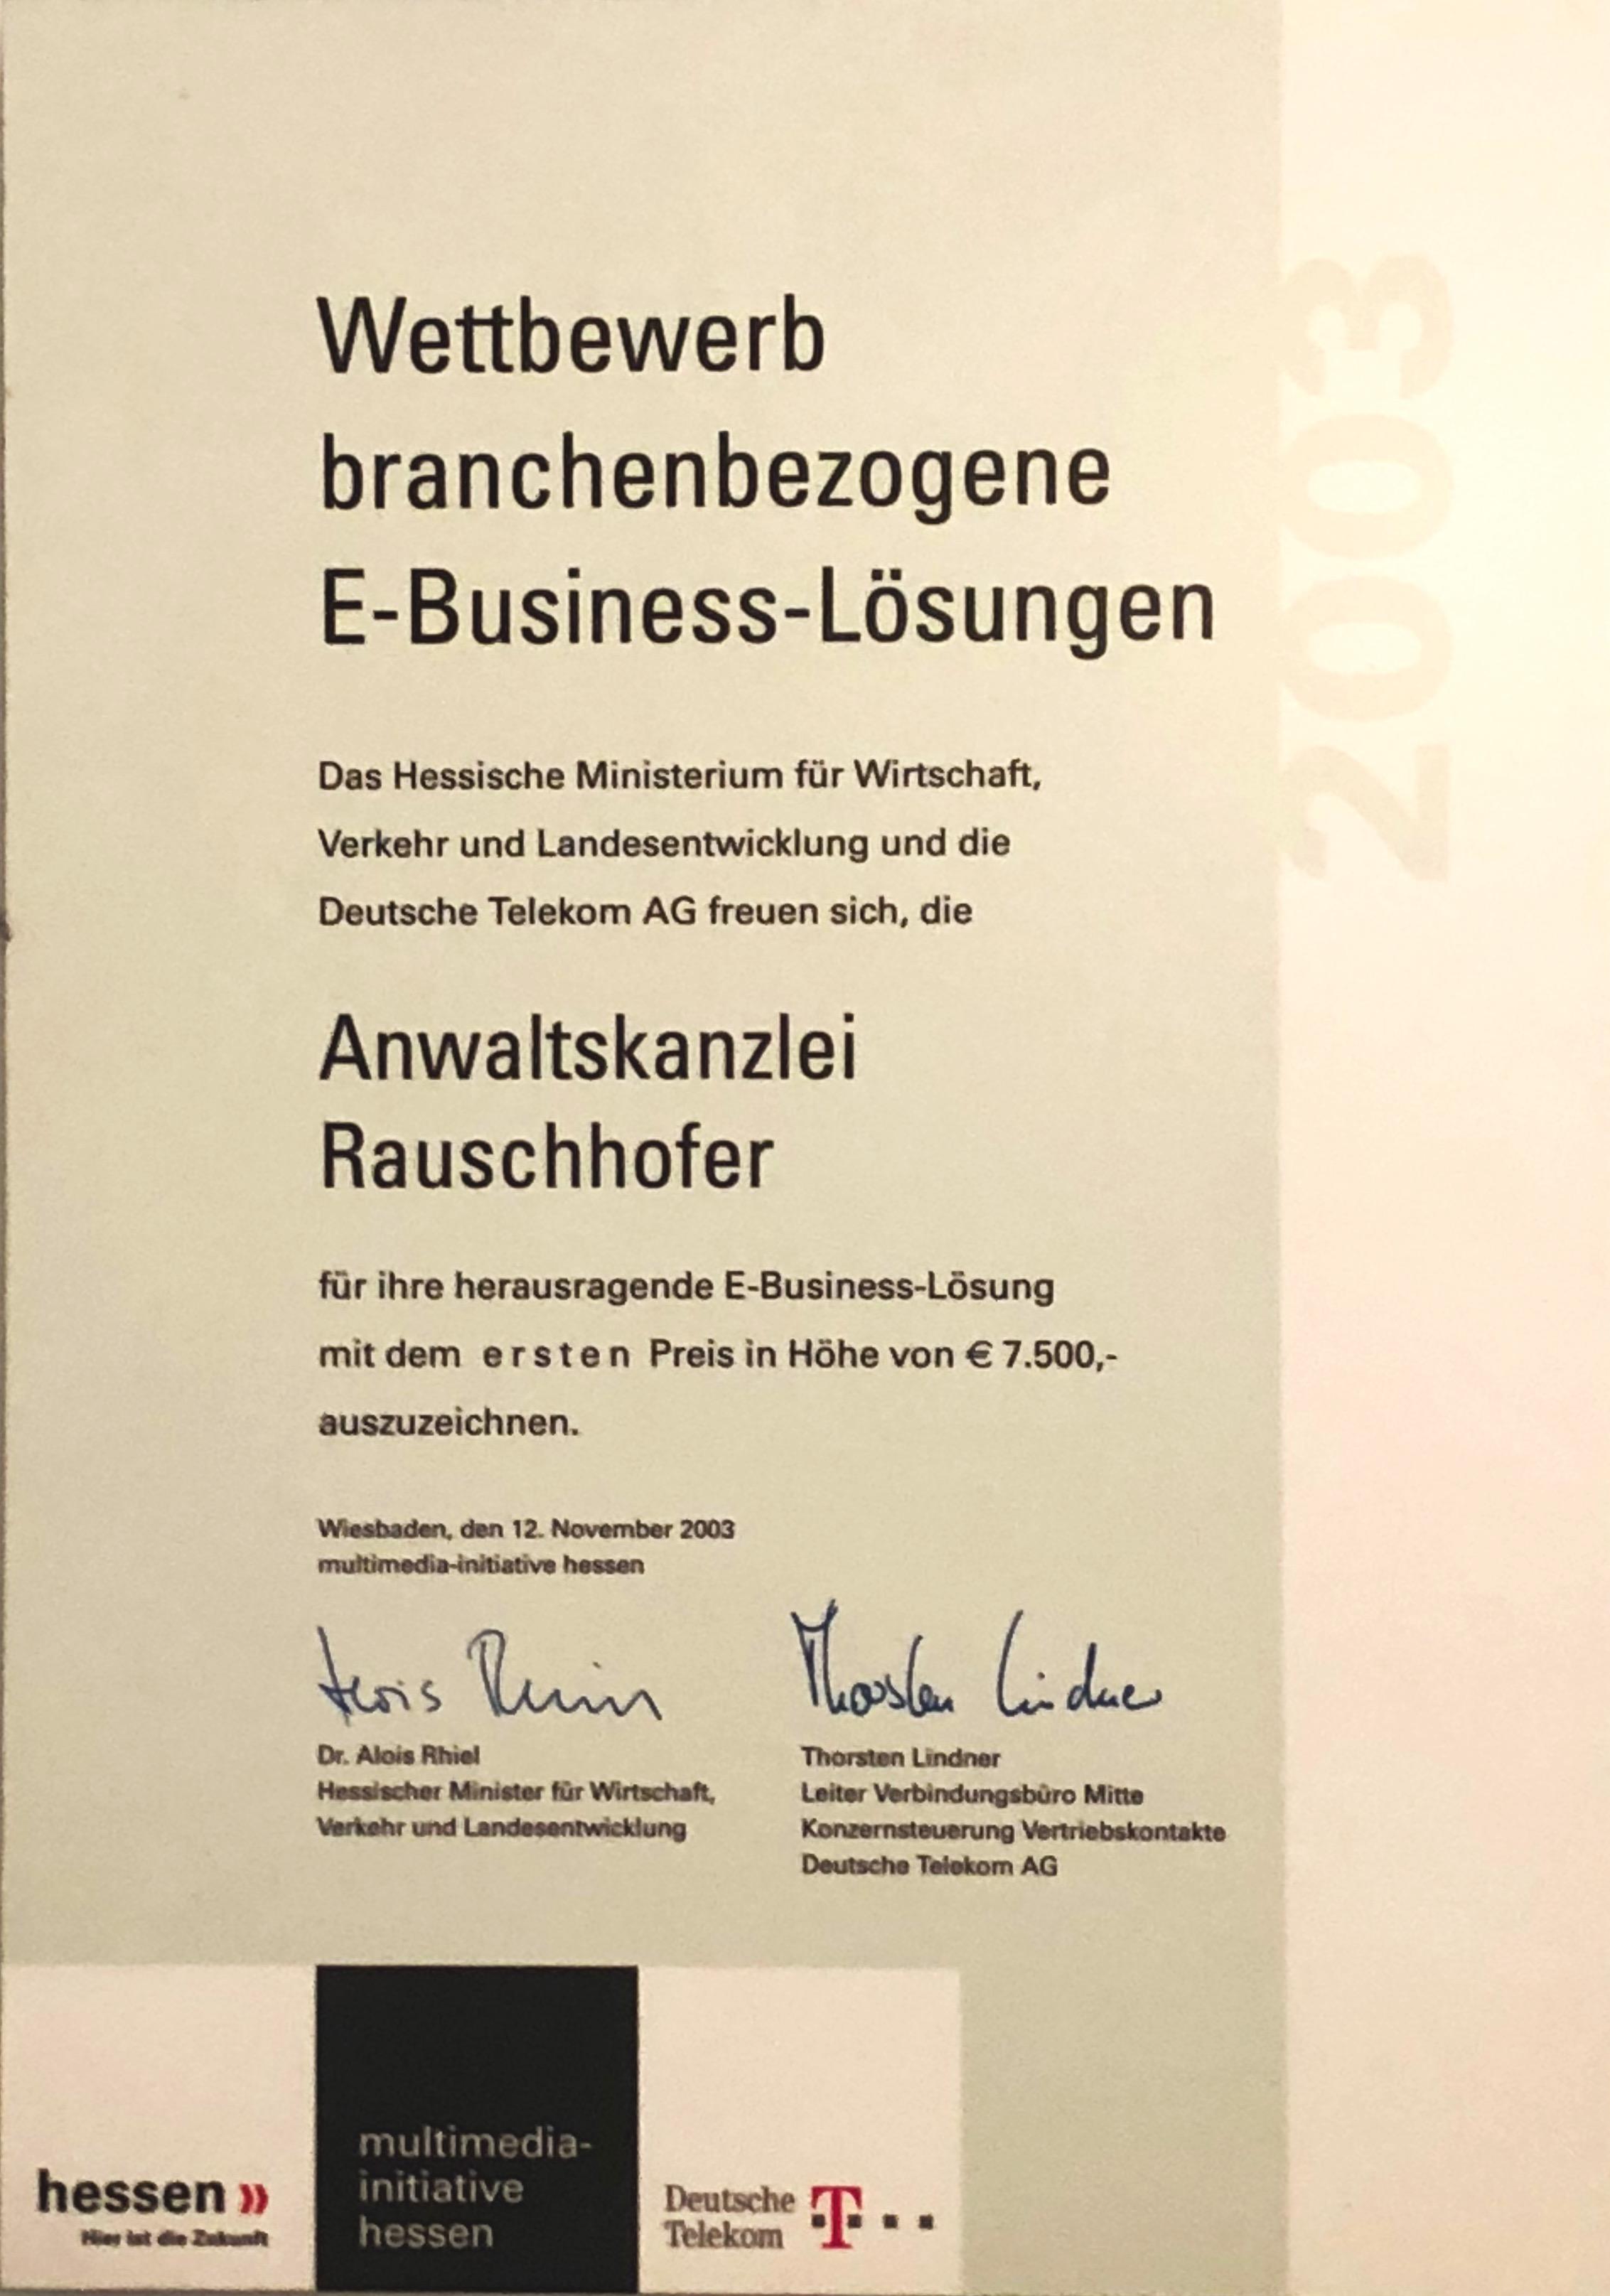 15 Jahre E-Business-Preis – 2003 bis 2018, eine kurze IT-rechtliche Zeitreise